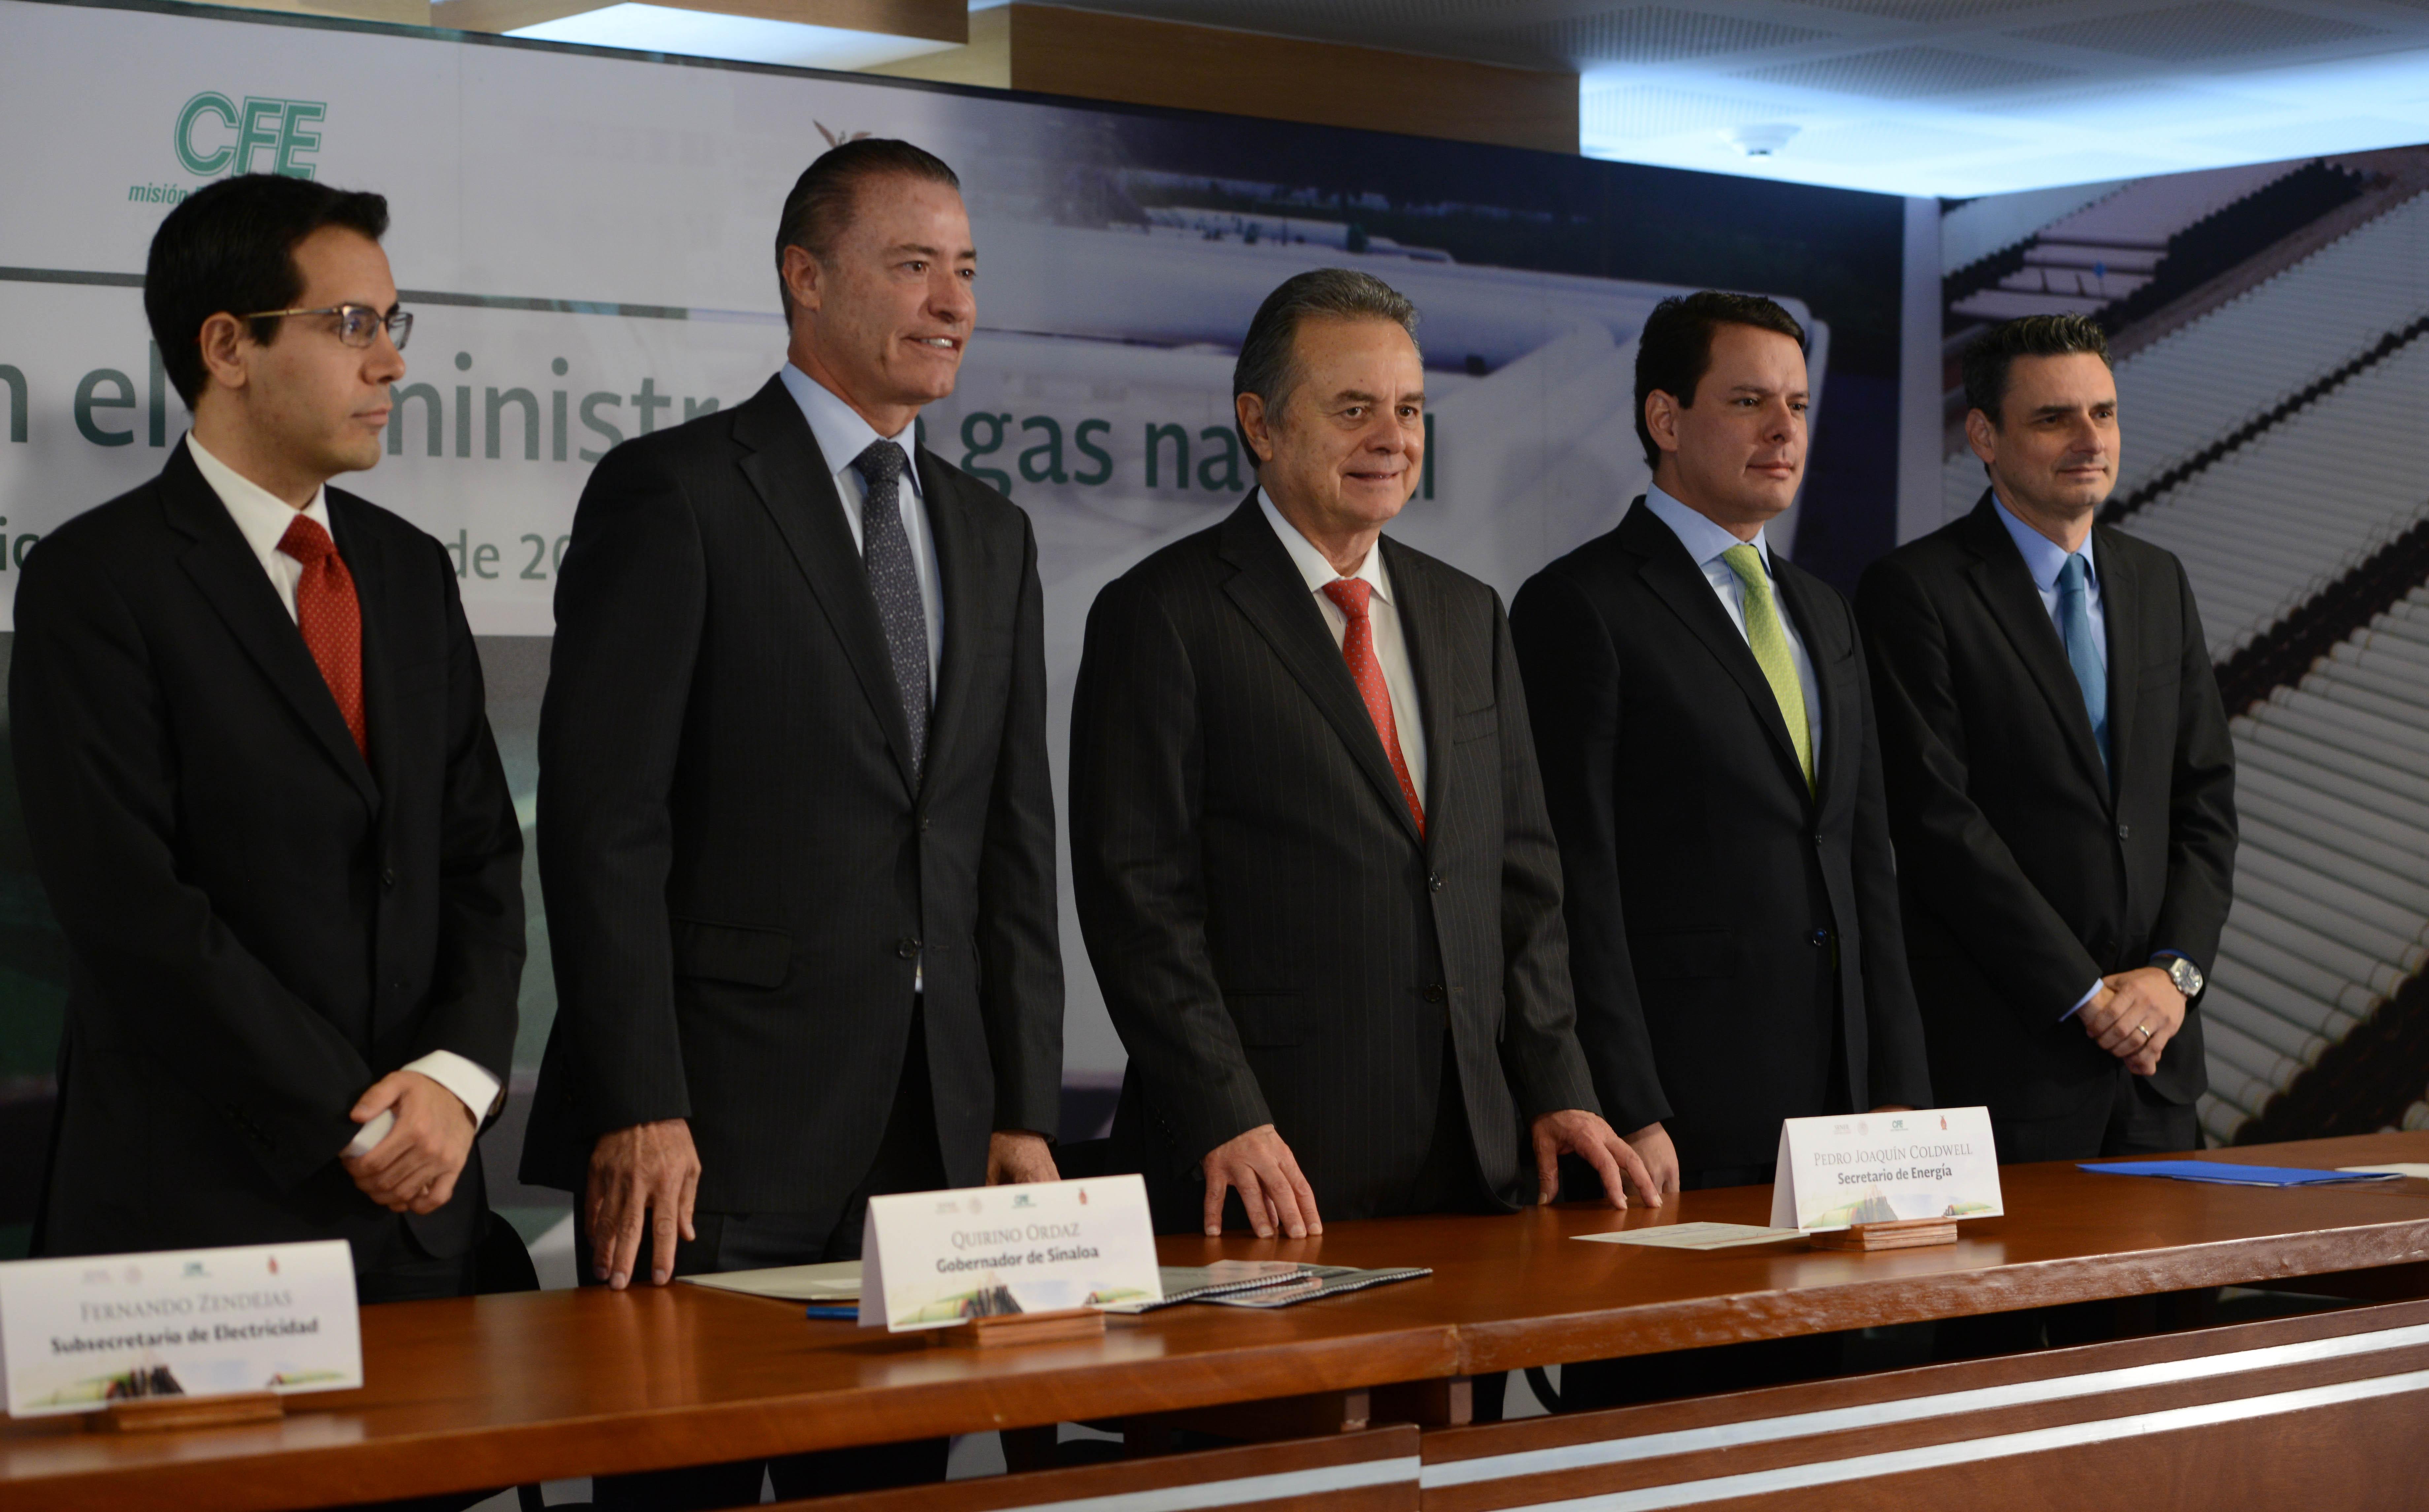 Foto de la mesa de los oradores, del evento. Secretario de Energía Pedro Joaquin Coldwell, Gobernador de Sinaloa Quirino Ordaz Coppel,